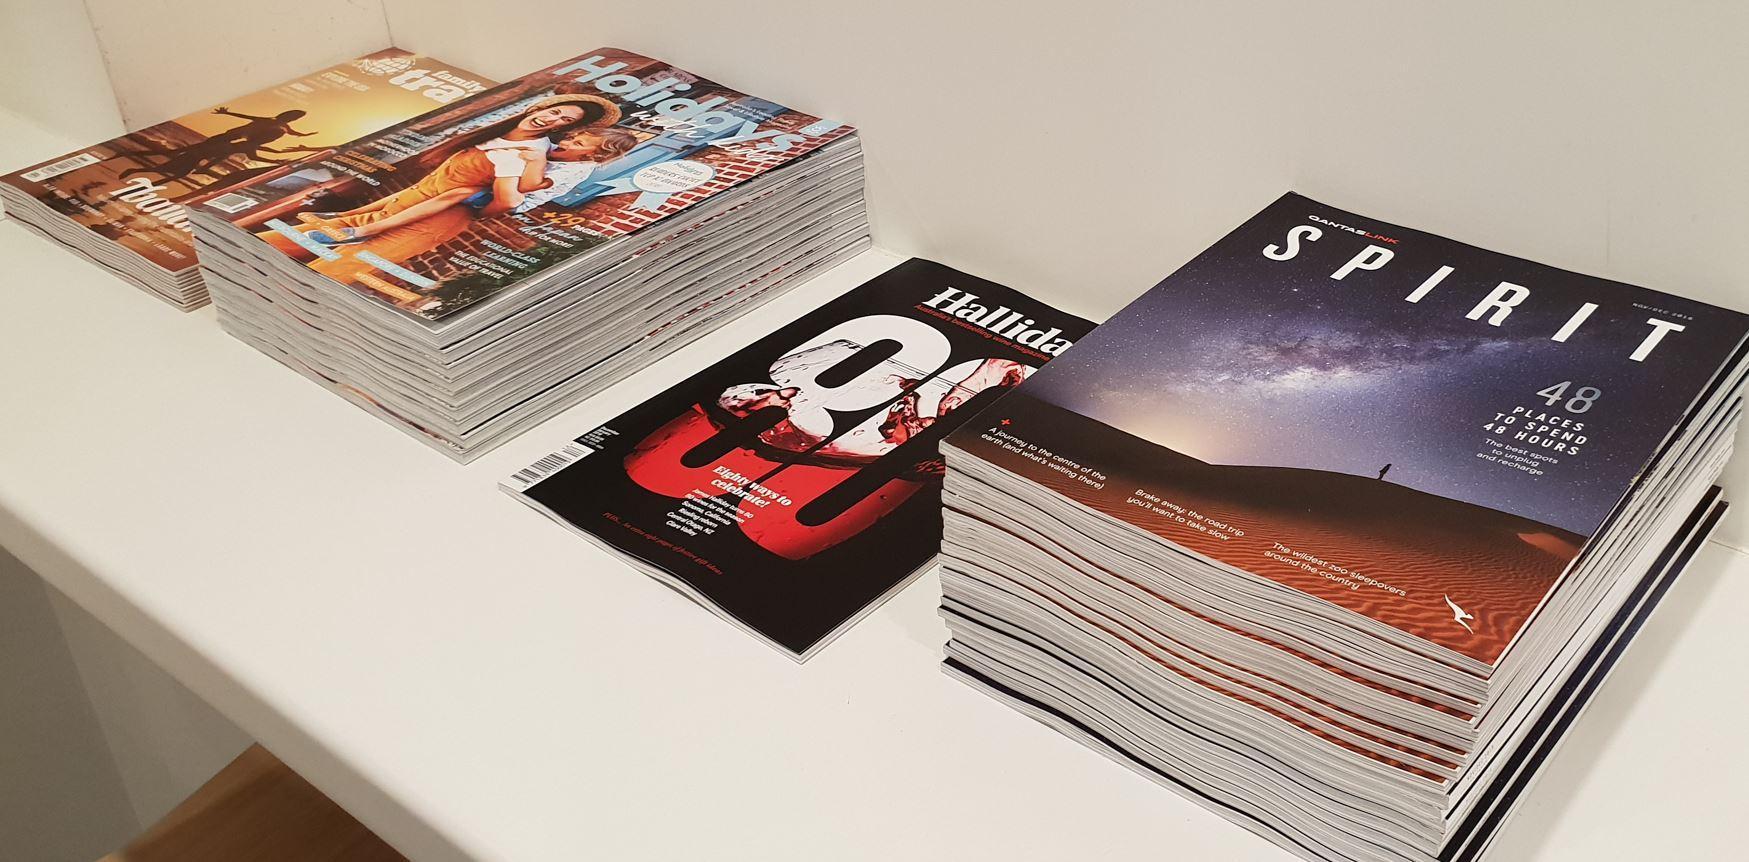 Qantas Regional Lounge Launceston reading materials